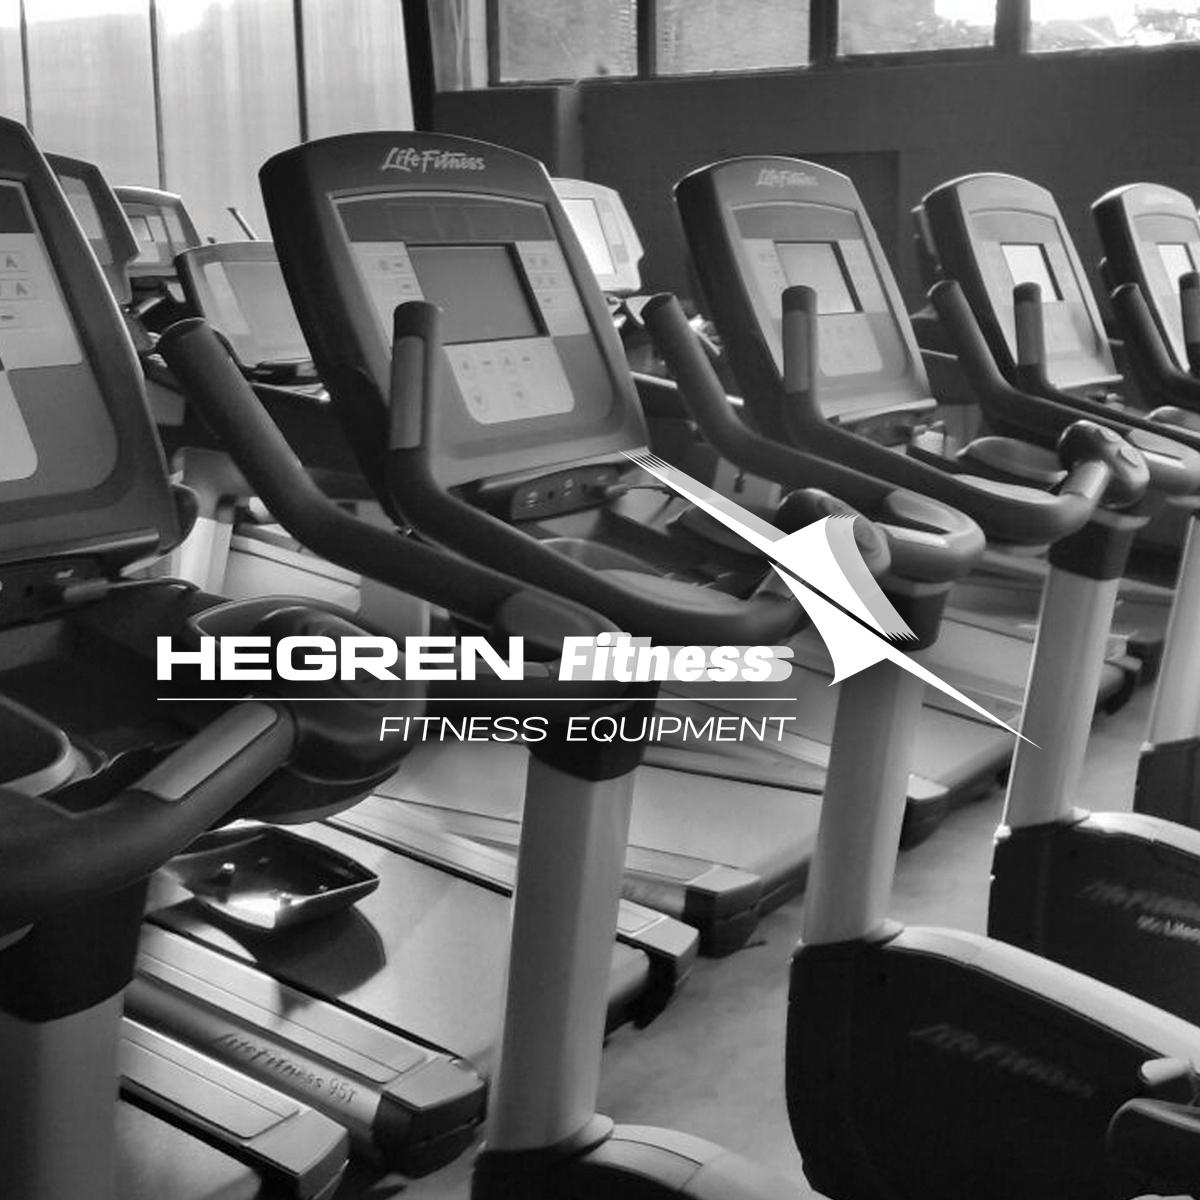 hegren-fitness-image_logo-1200x1200.jpg